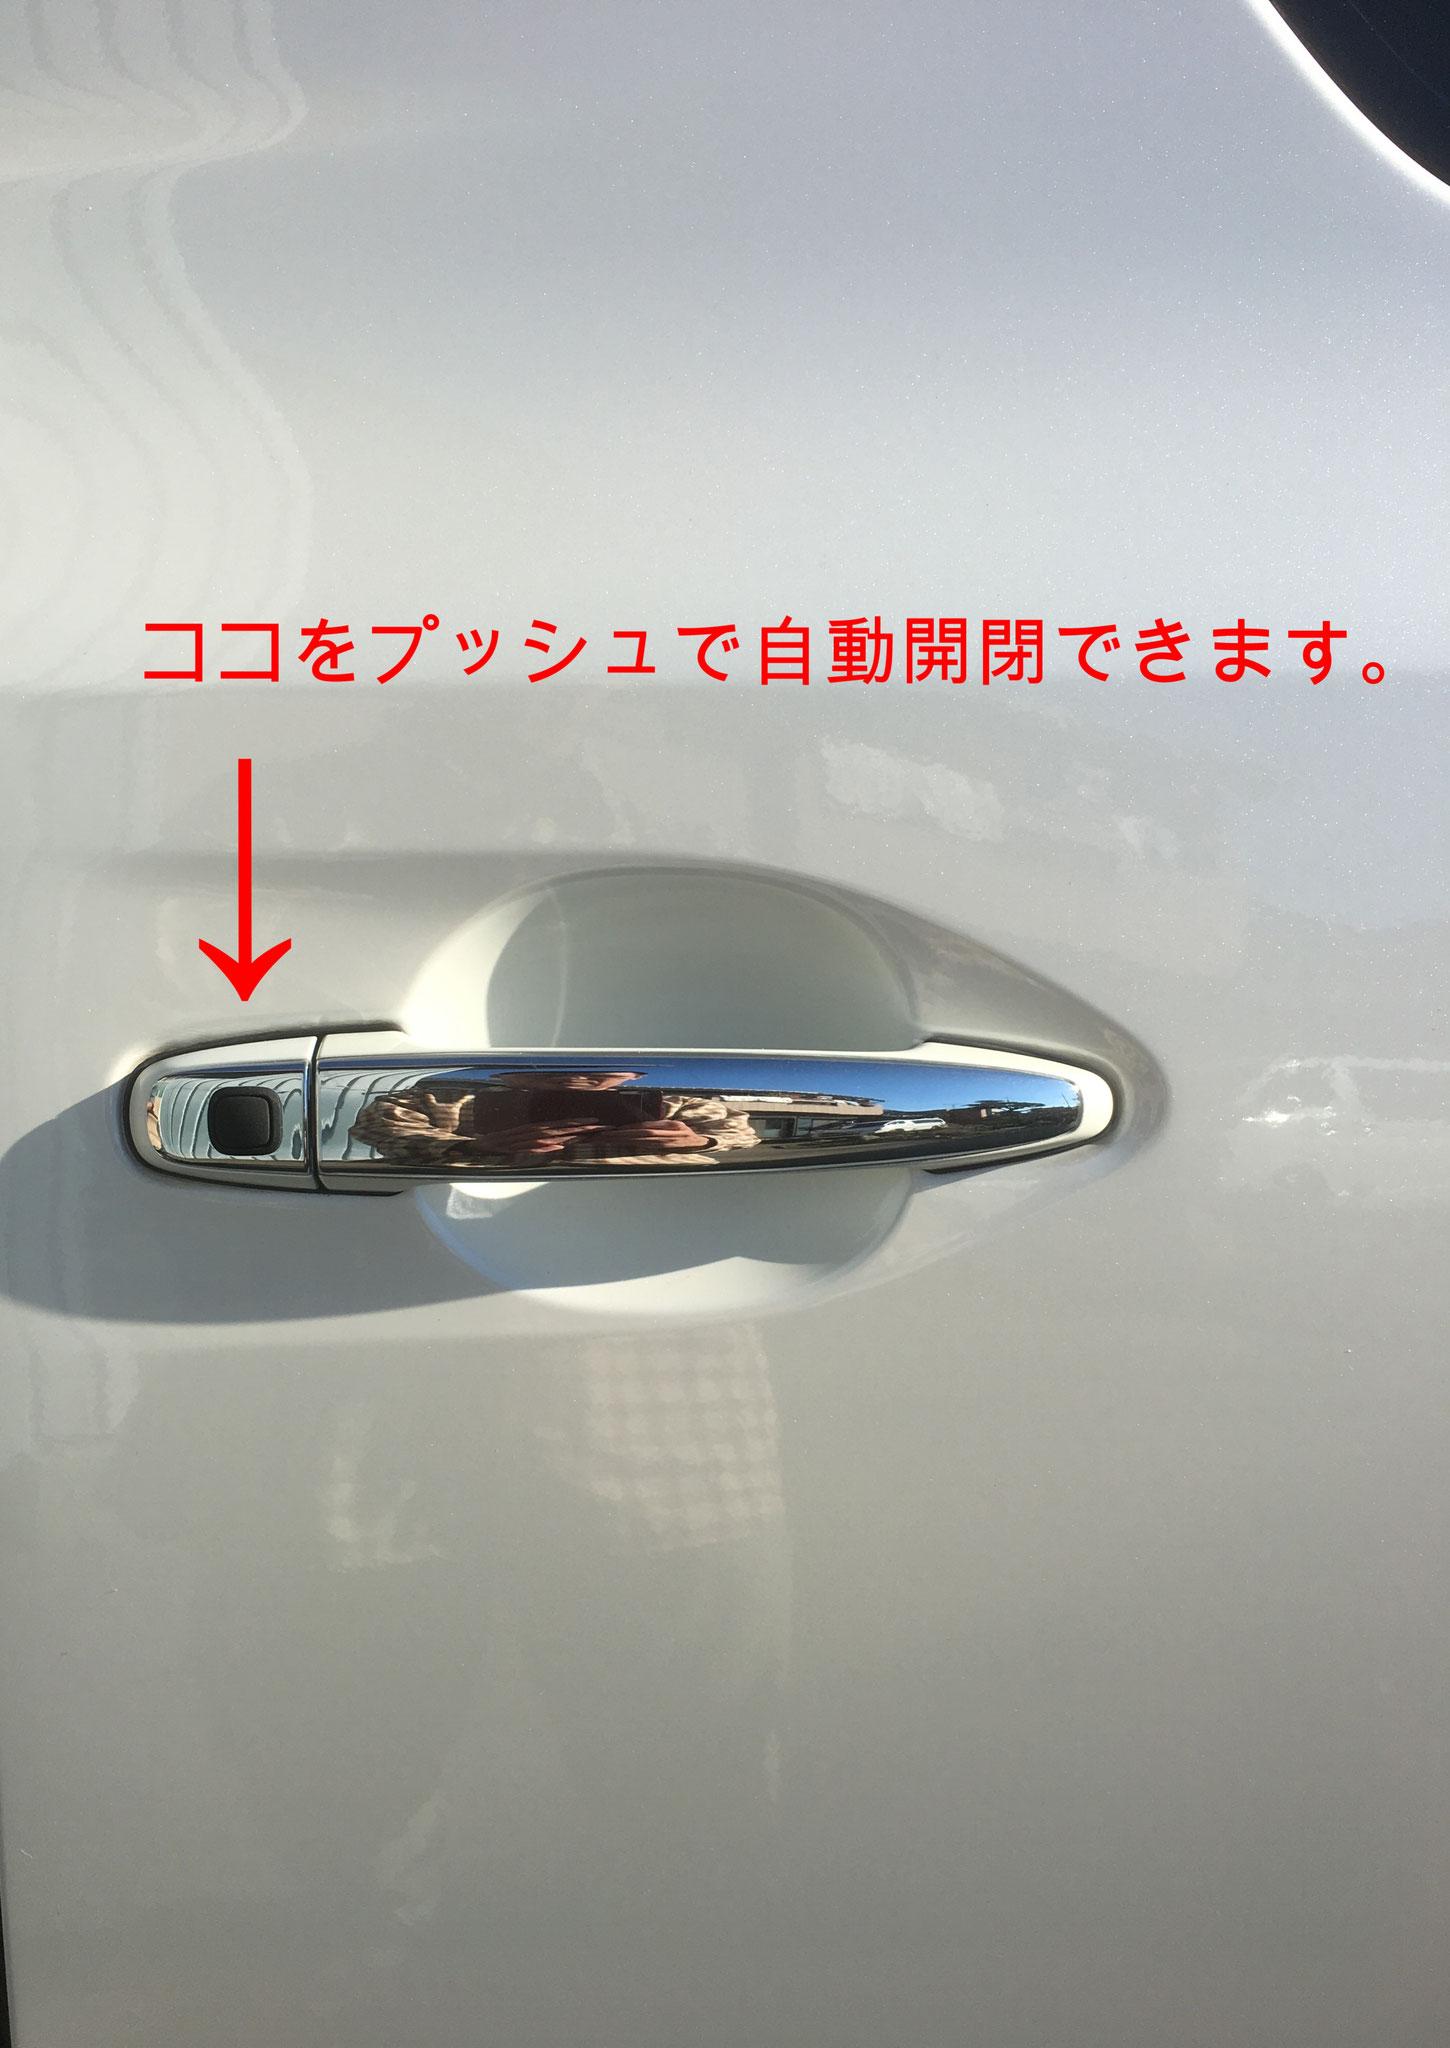 ドアノブを引っ張らなくても、黒いボタンを1プッシュで自動開閉の完成です!